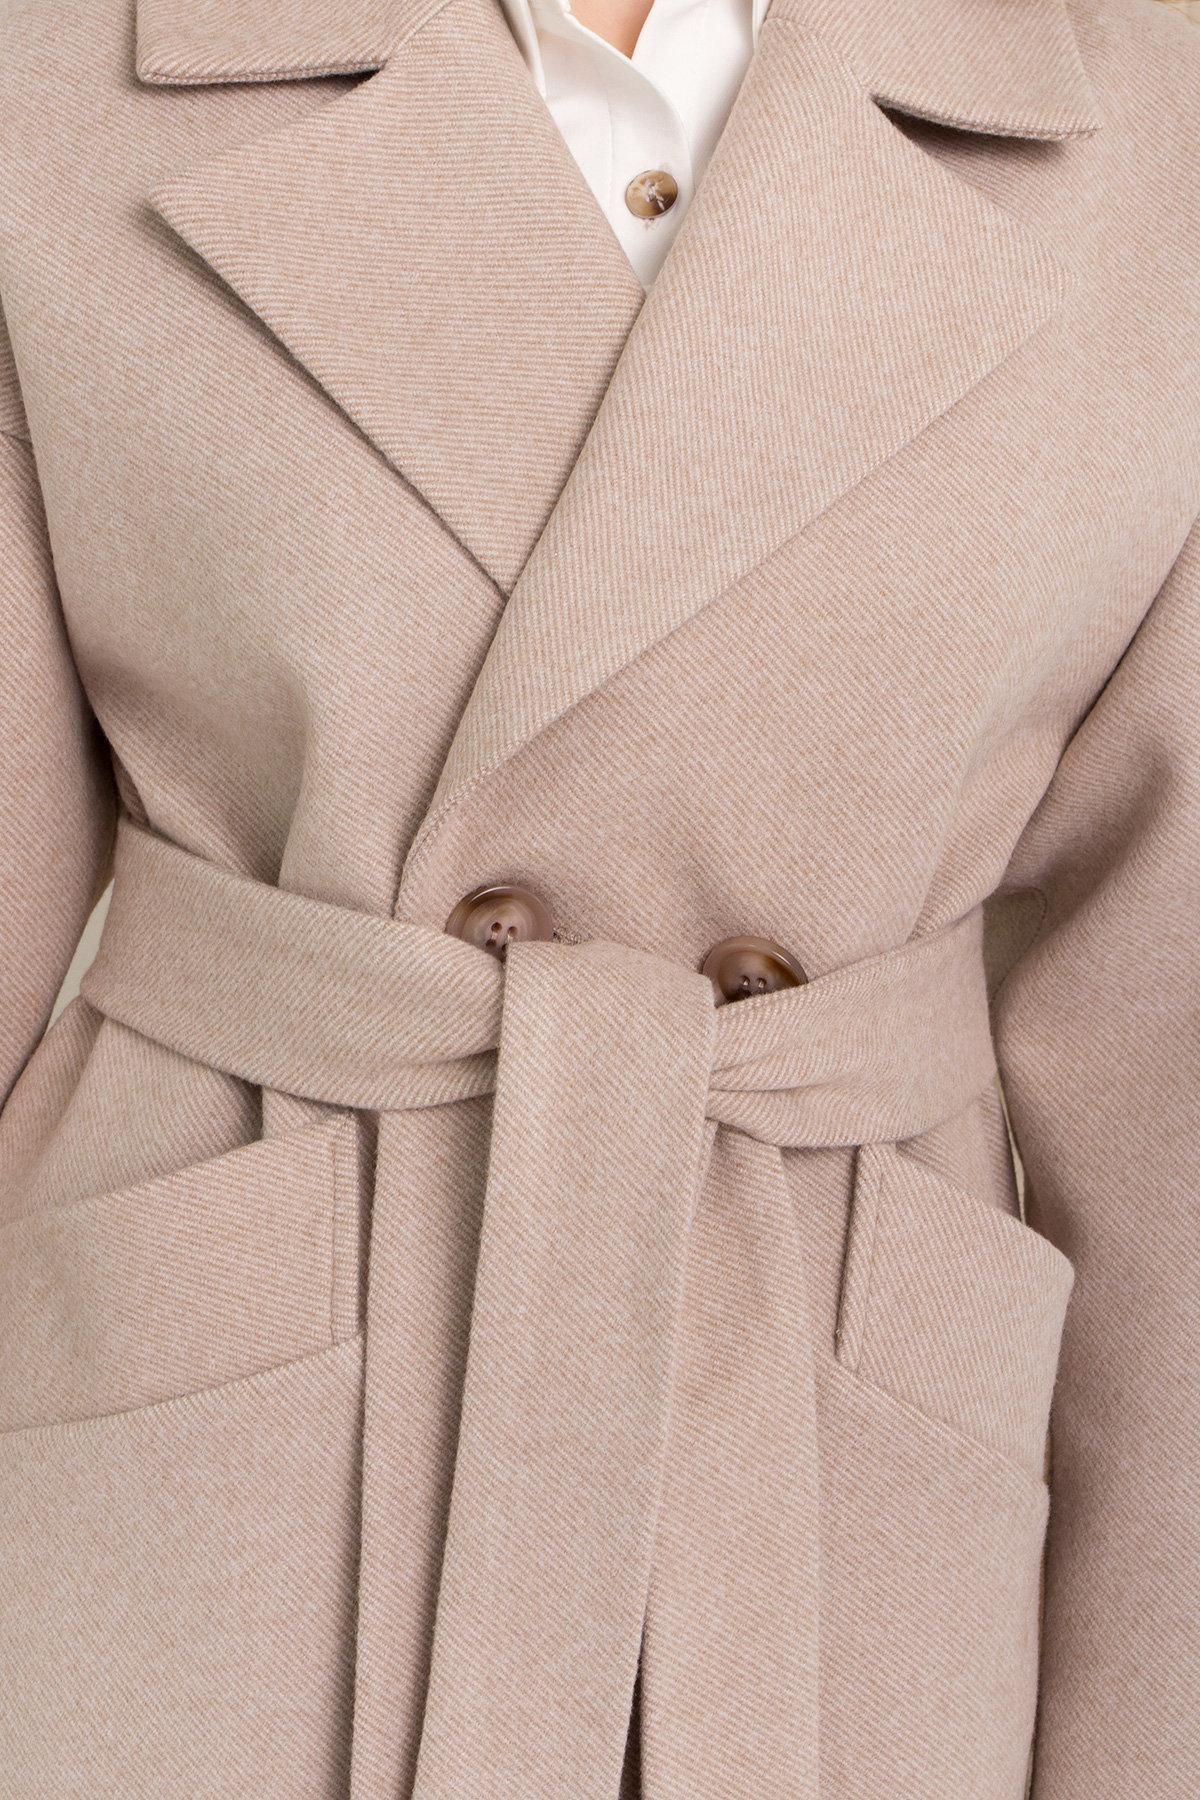 Пальто Сенсей 8907 АРТ. 45368 Цвет: Бежевый - фото 7, интернет магазин tm-modus.ru